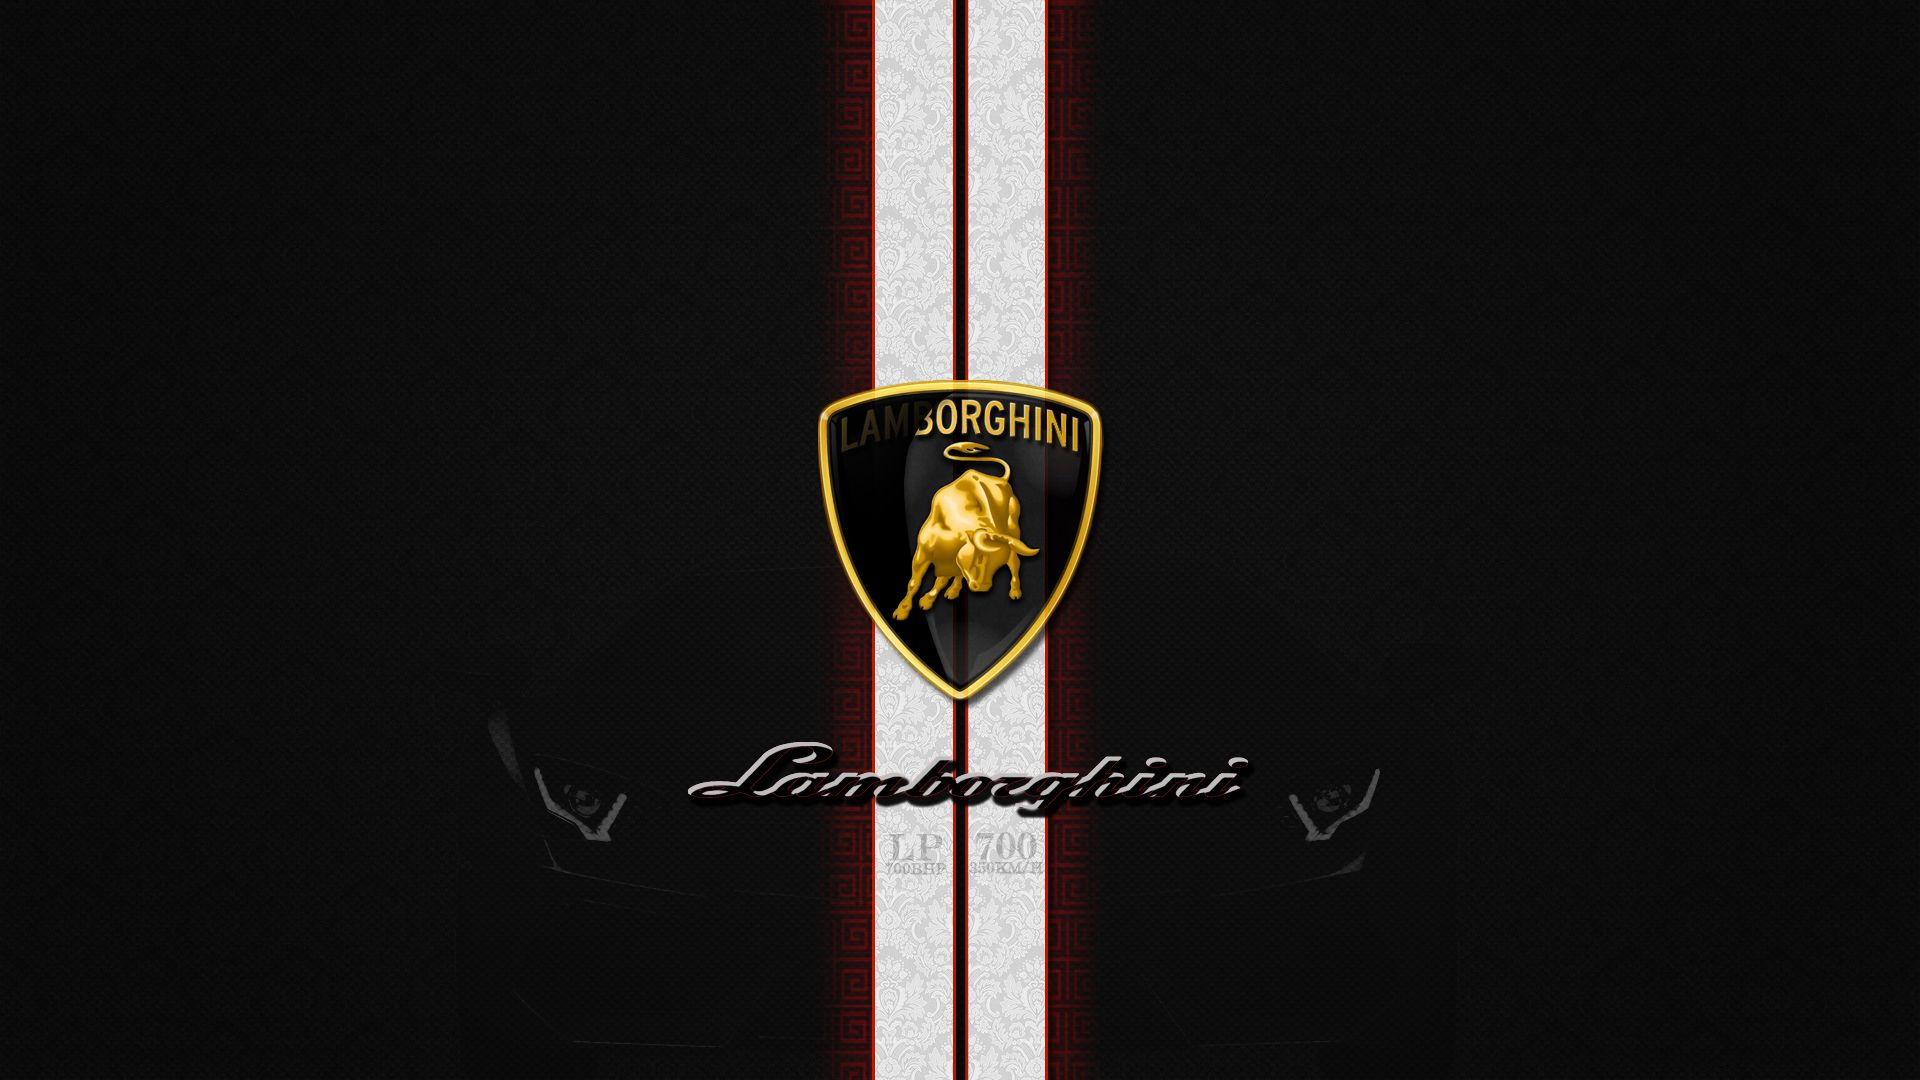 Ferrari Logo Wallpapers Top Free Ferrari Logo Backgrounds